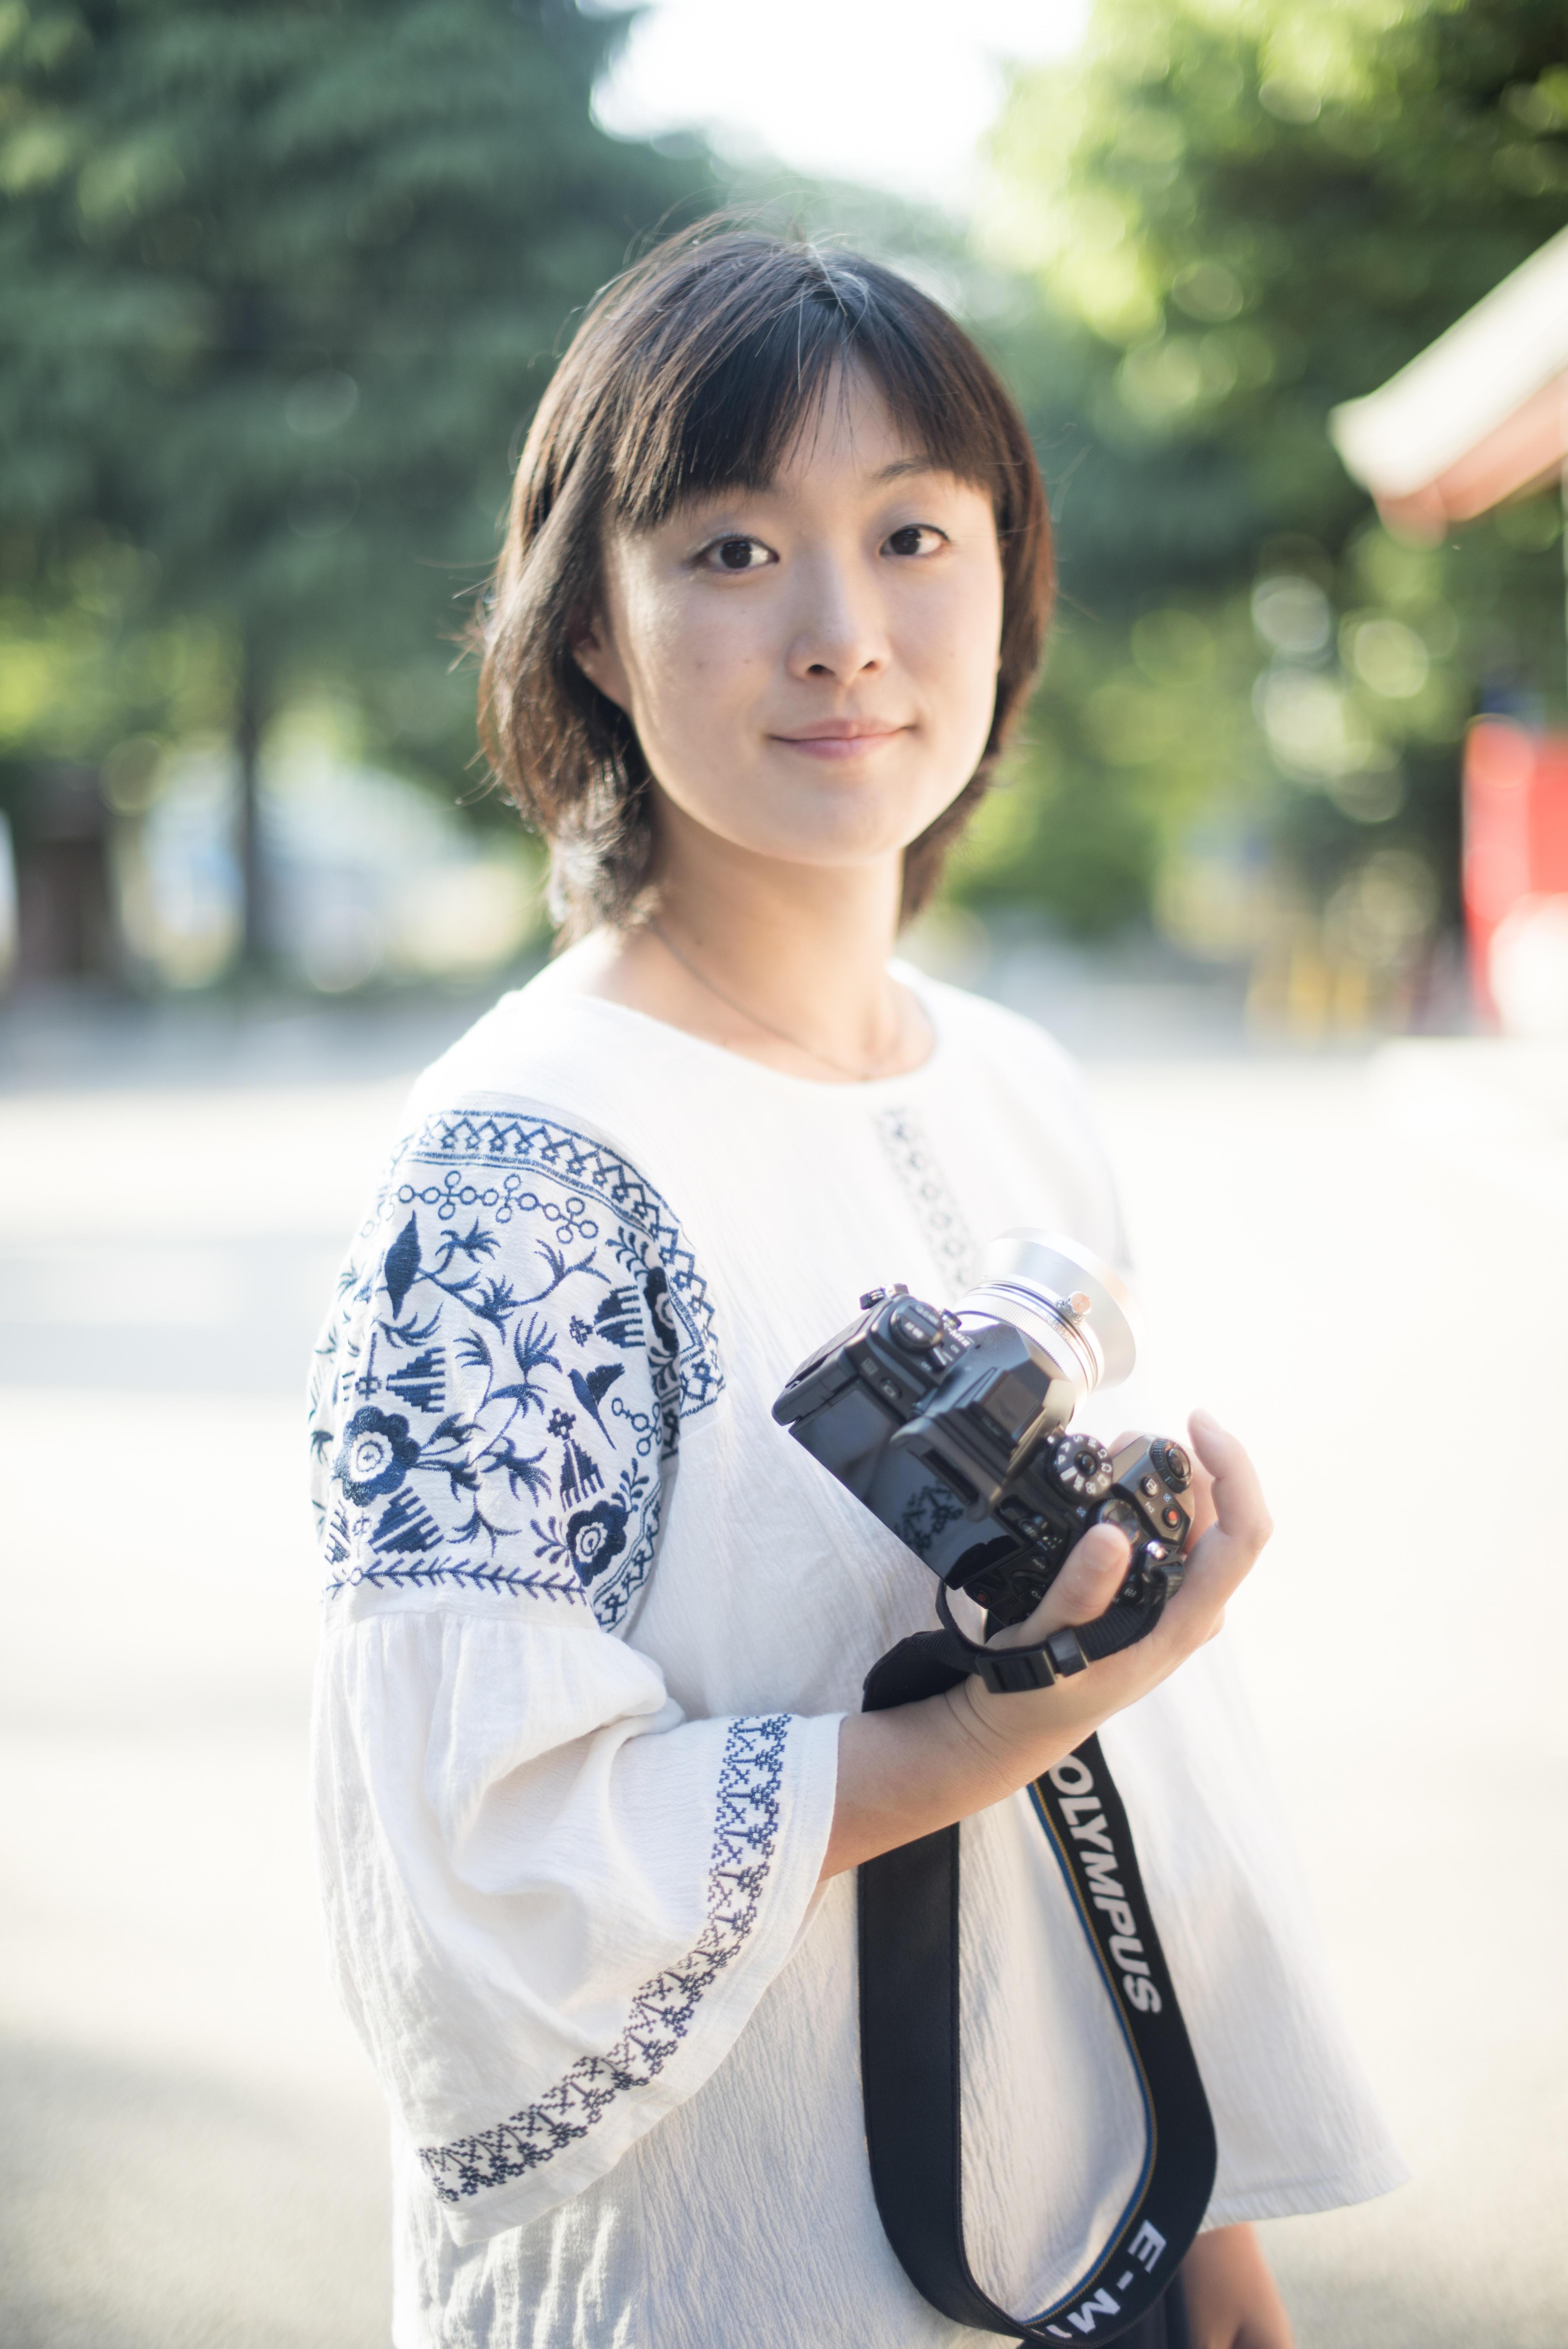 日本映画大学が来年1月10日に公開授業「映画で学ぶ歴史と社会」を開講 -- フォト・ジャーナリスト安田菜津紀氏がシリアなど紛争地の取材経験をもとに特別講義